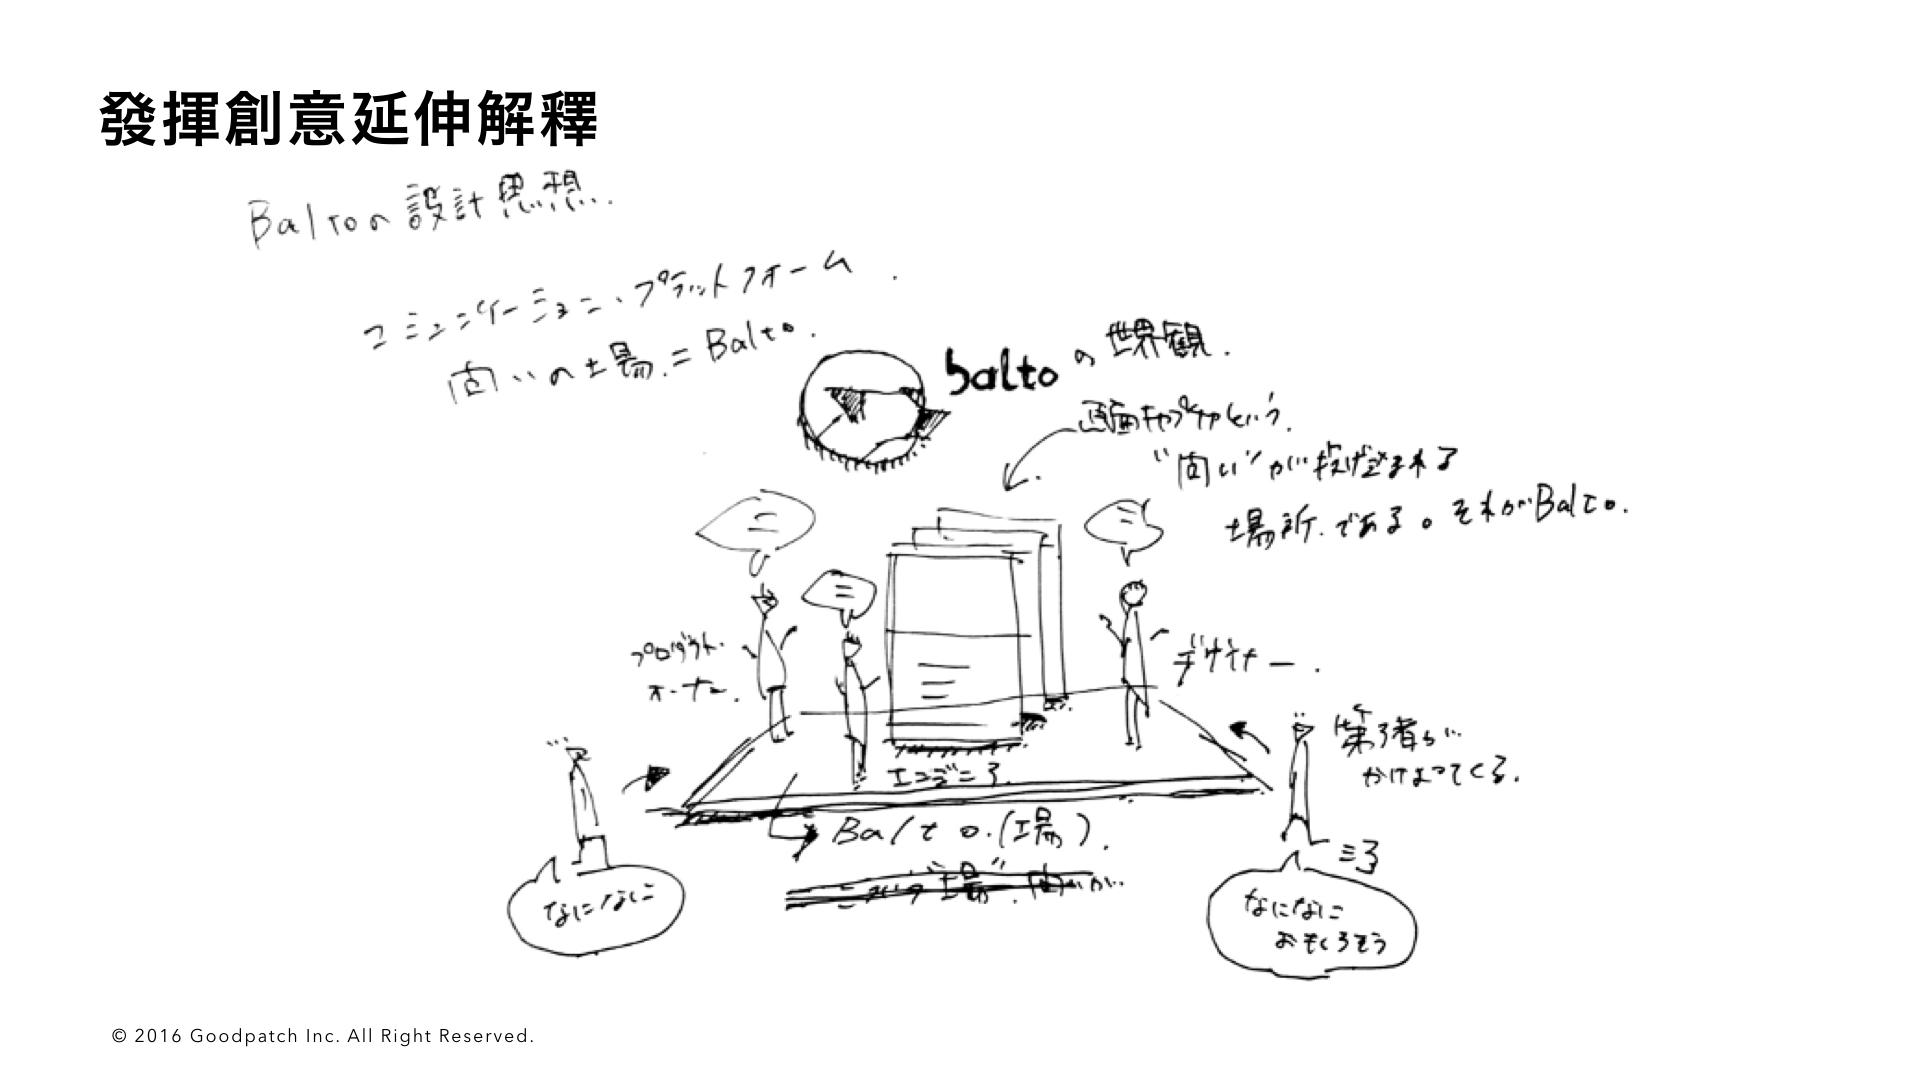 構思 Balto 的世界觀時所畫的插畫